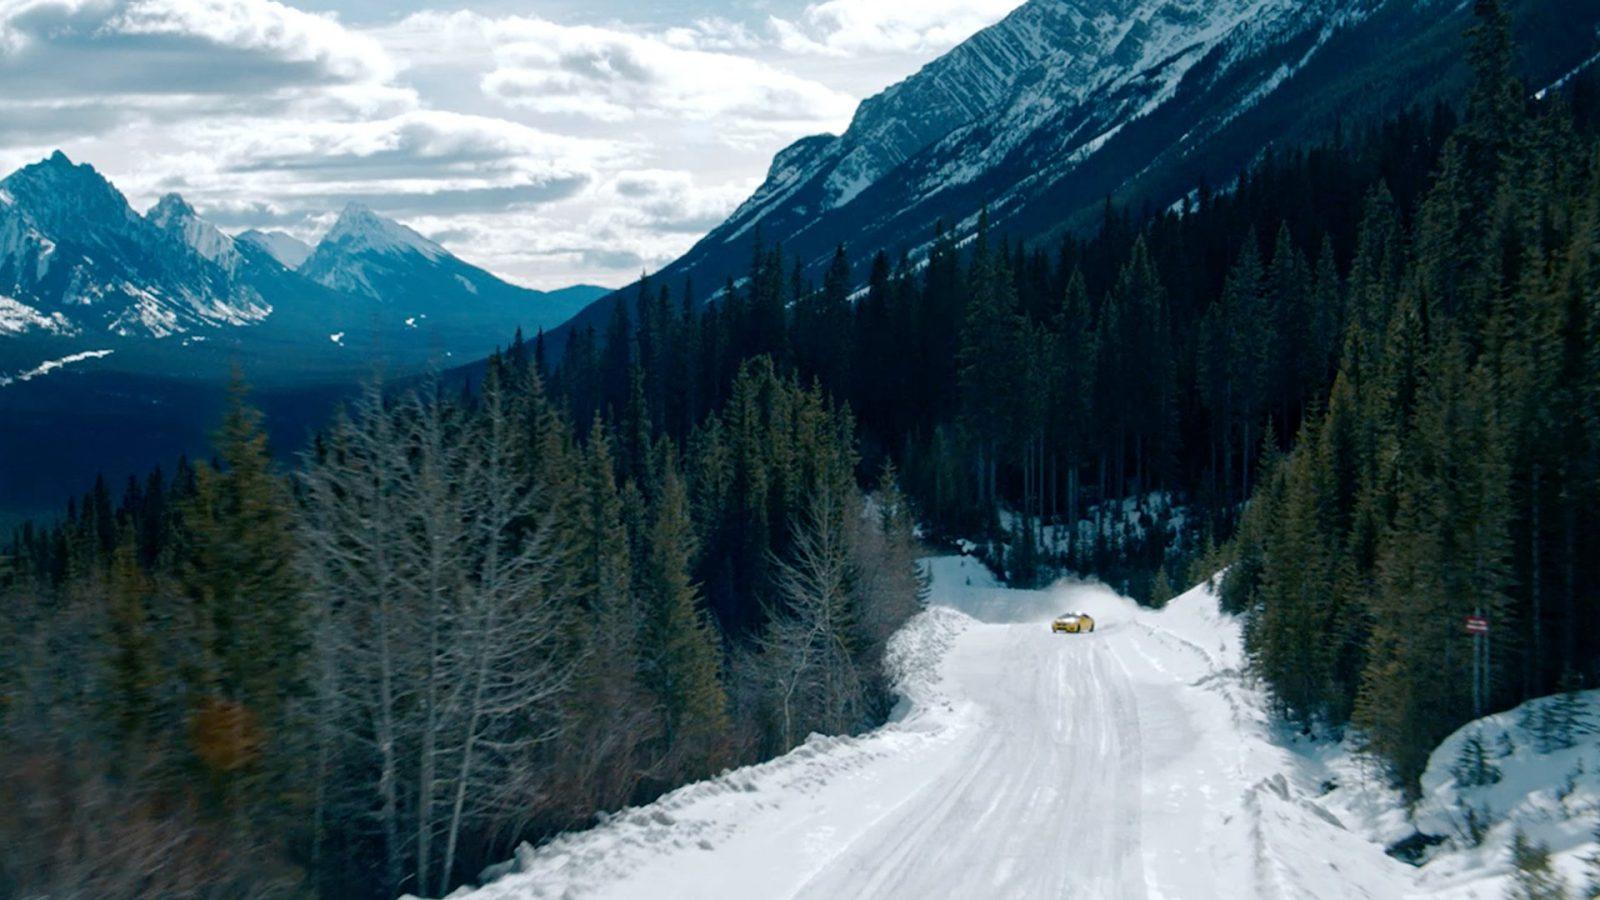 PZ Tundra 1 1 Ποδαρικό με το δεξί ...πεντάλ! BMW, BMW M, BMW M6, Car sound, Engine, Fun, Joyride, Pennzoil, Roads, videos, zblog